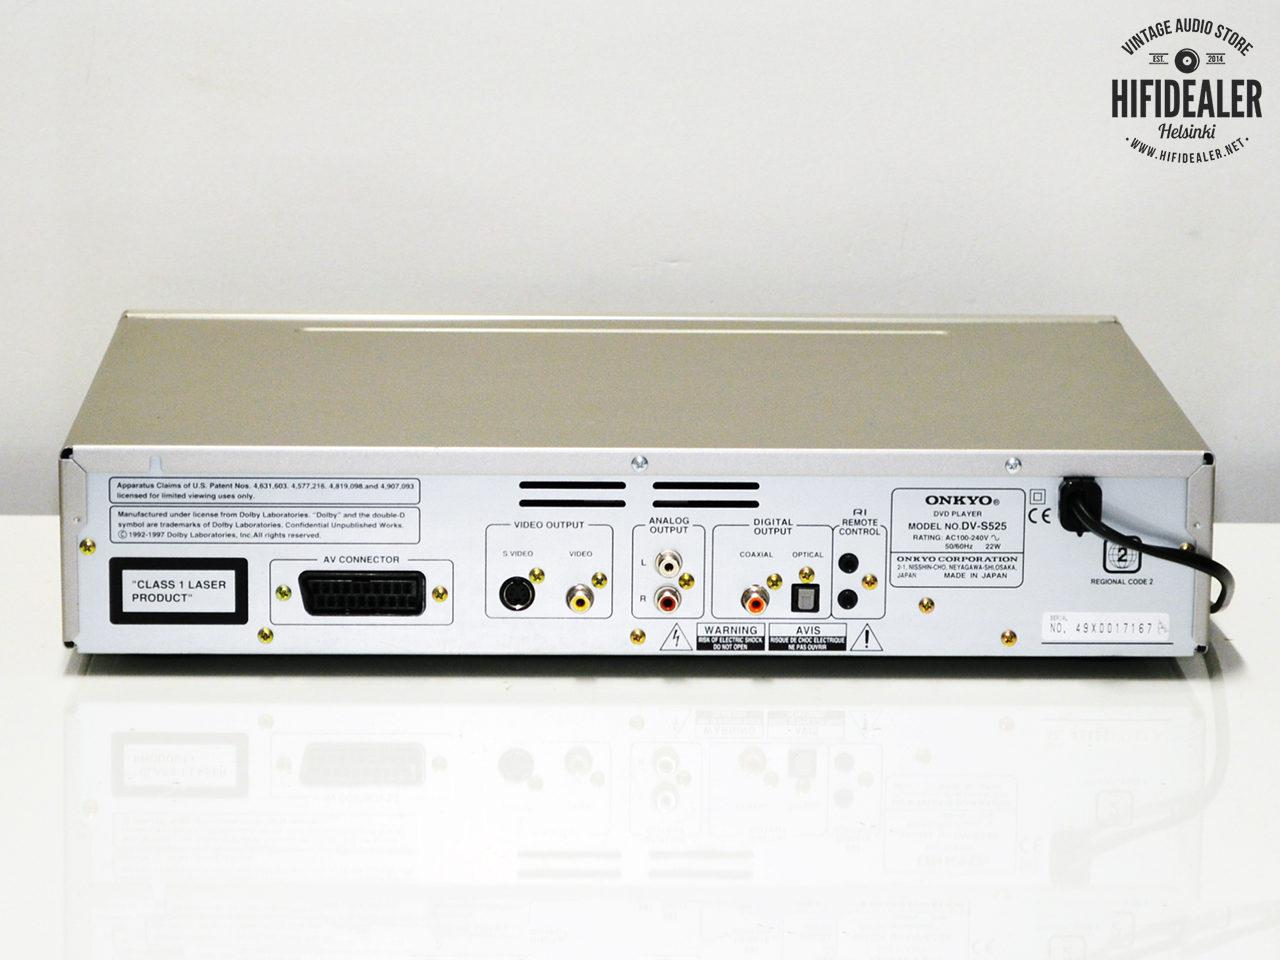 onkyo-dv-s525-2